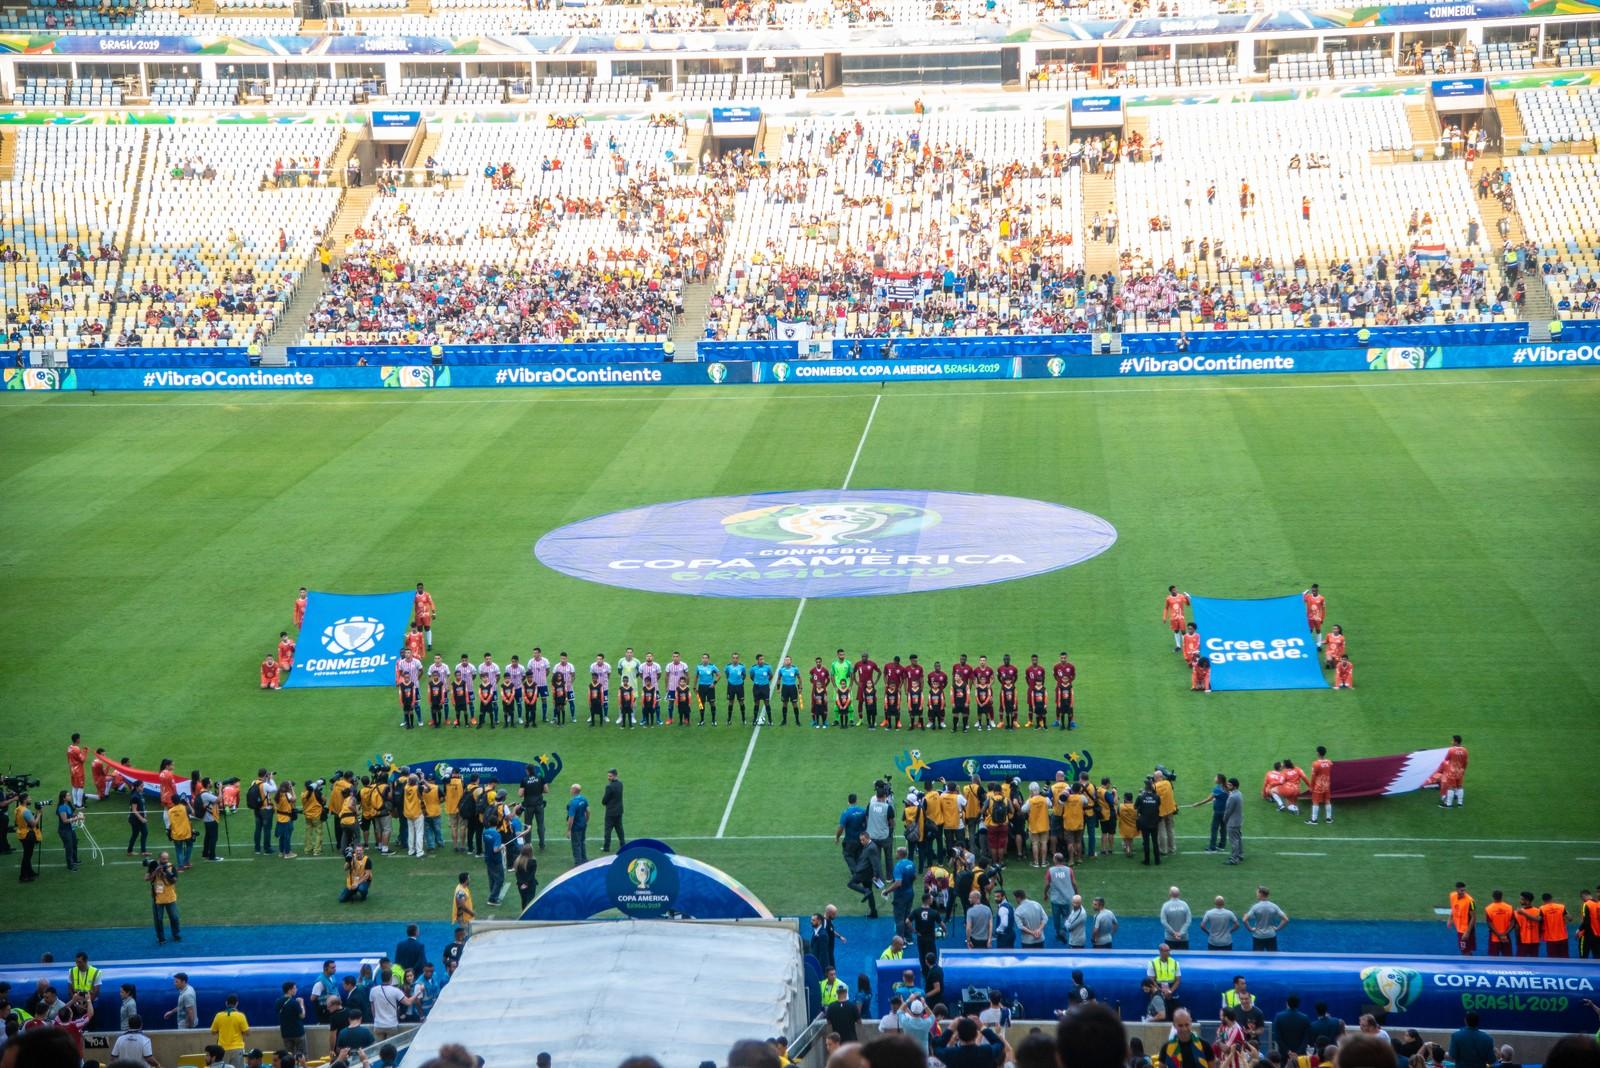 Fracasso de público: venda de ingressos abre primeira crise na Copa América